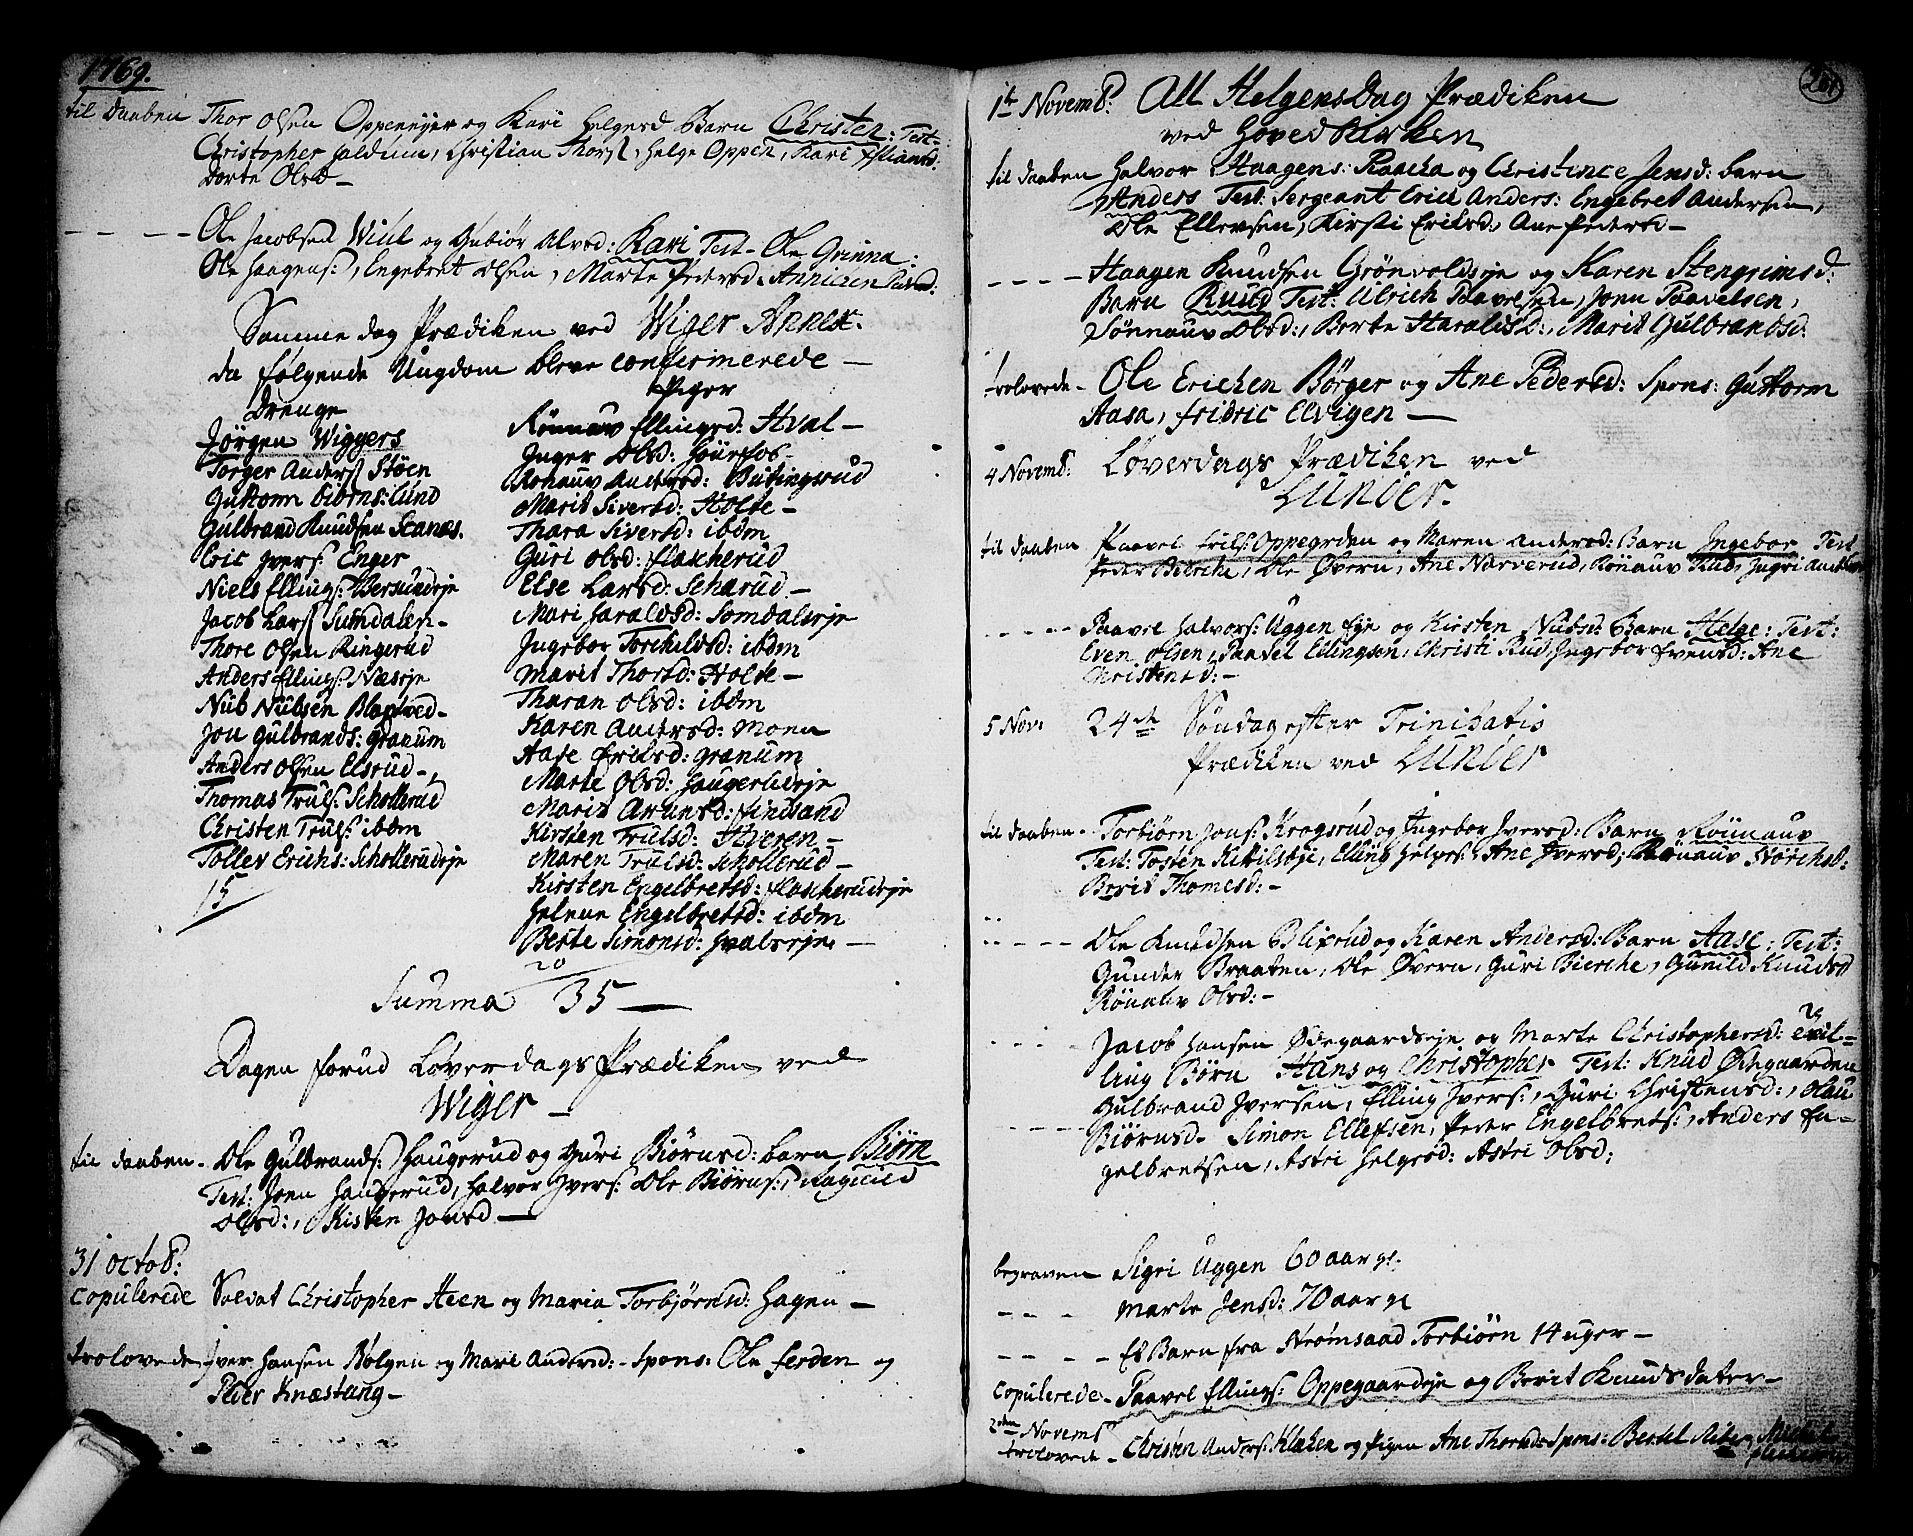 SAKO, Norderhov kirkebøker, F/Fa/L0004: Ministerialbok nr. 4, 1758-1774, s. 201